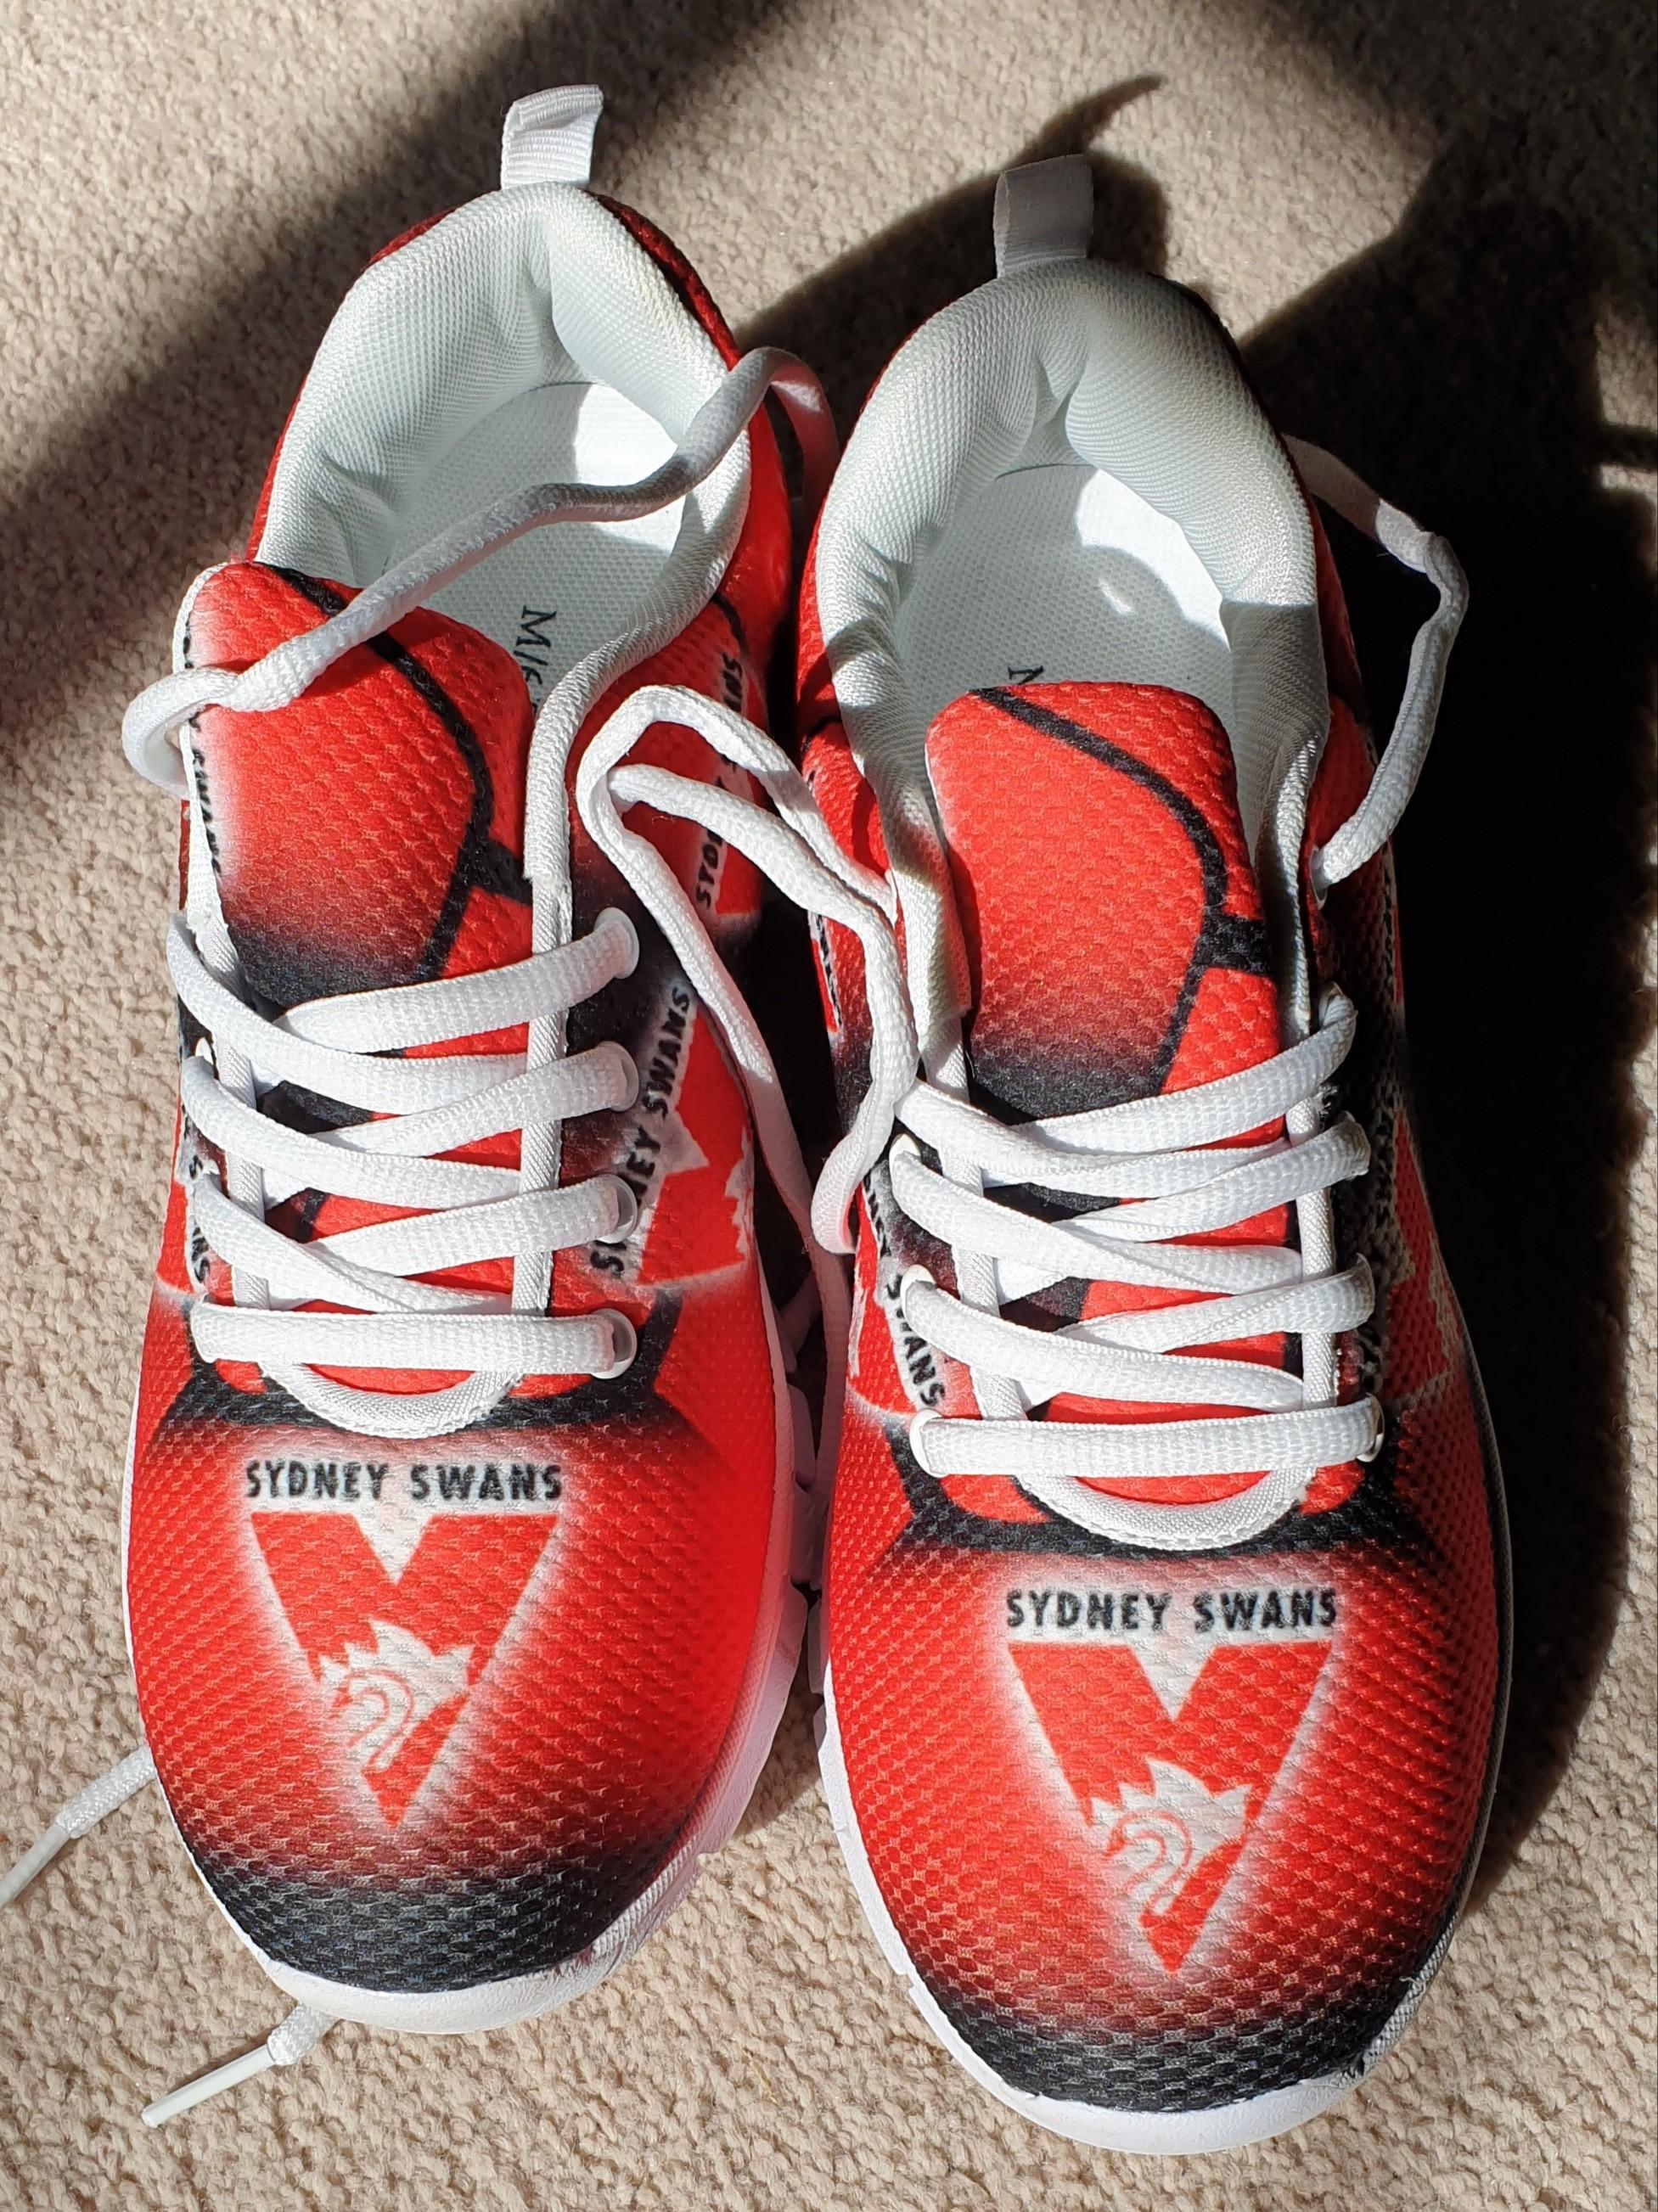 swan shoes.jpg